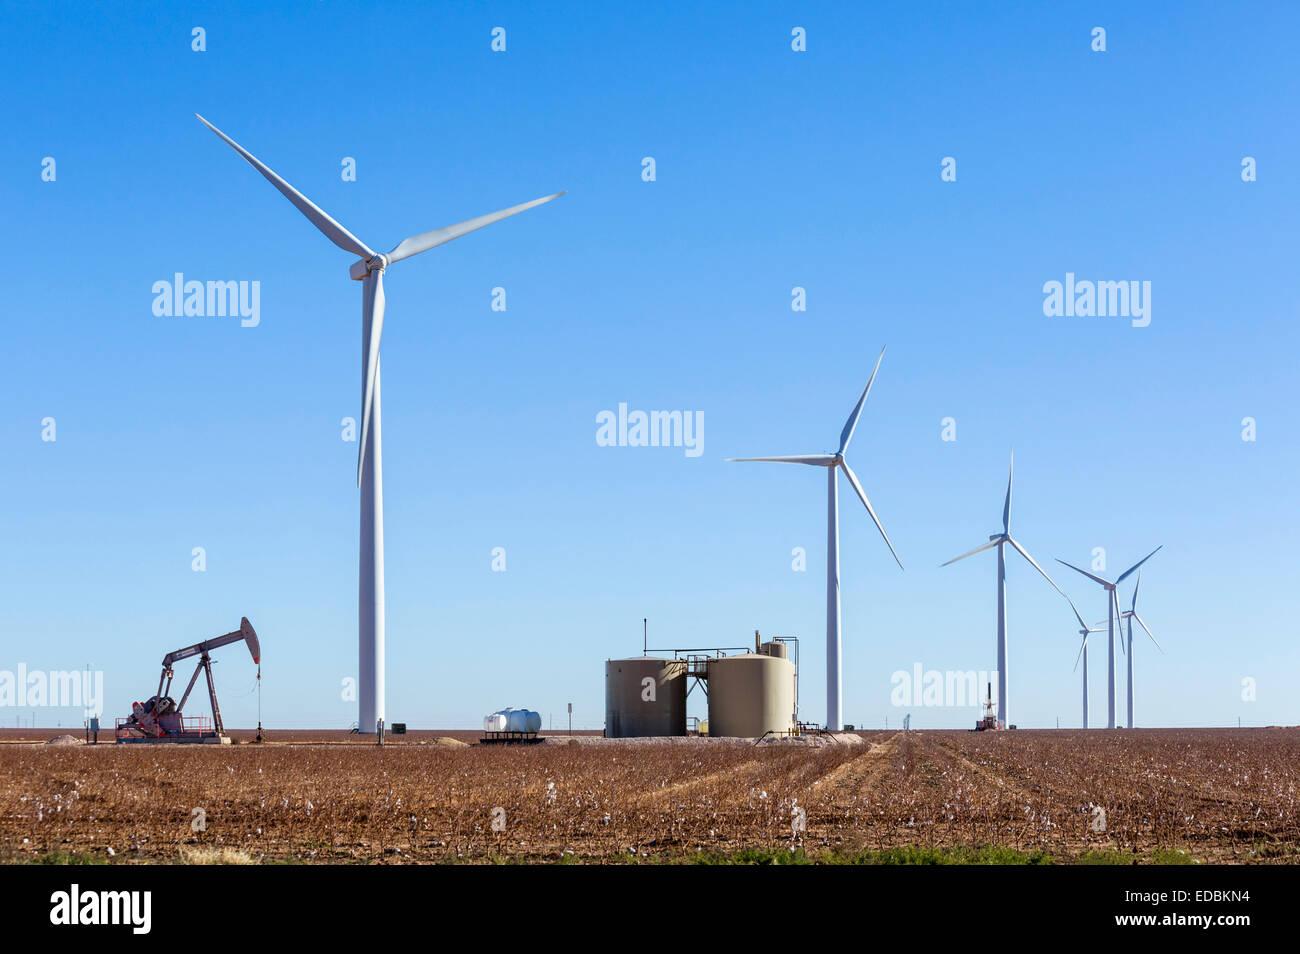 Ölquelle neben Windkraftanlagen außerhalb Midland, Texas, USA Stockbild